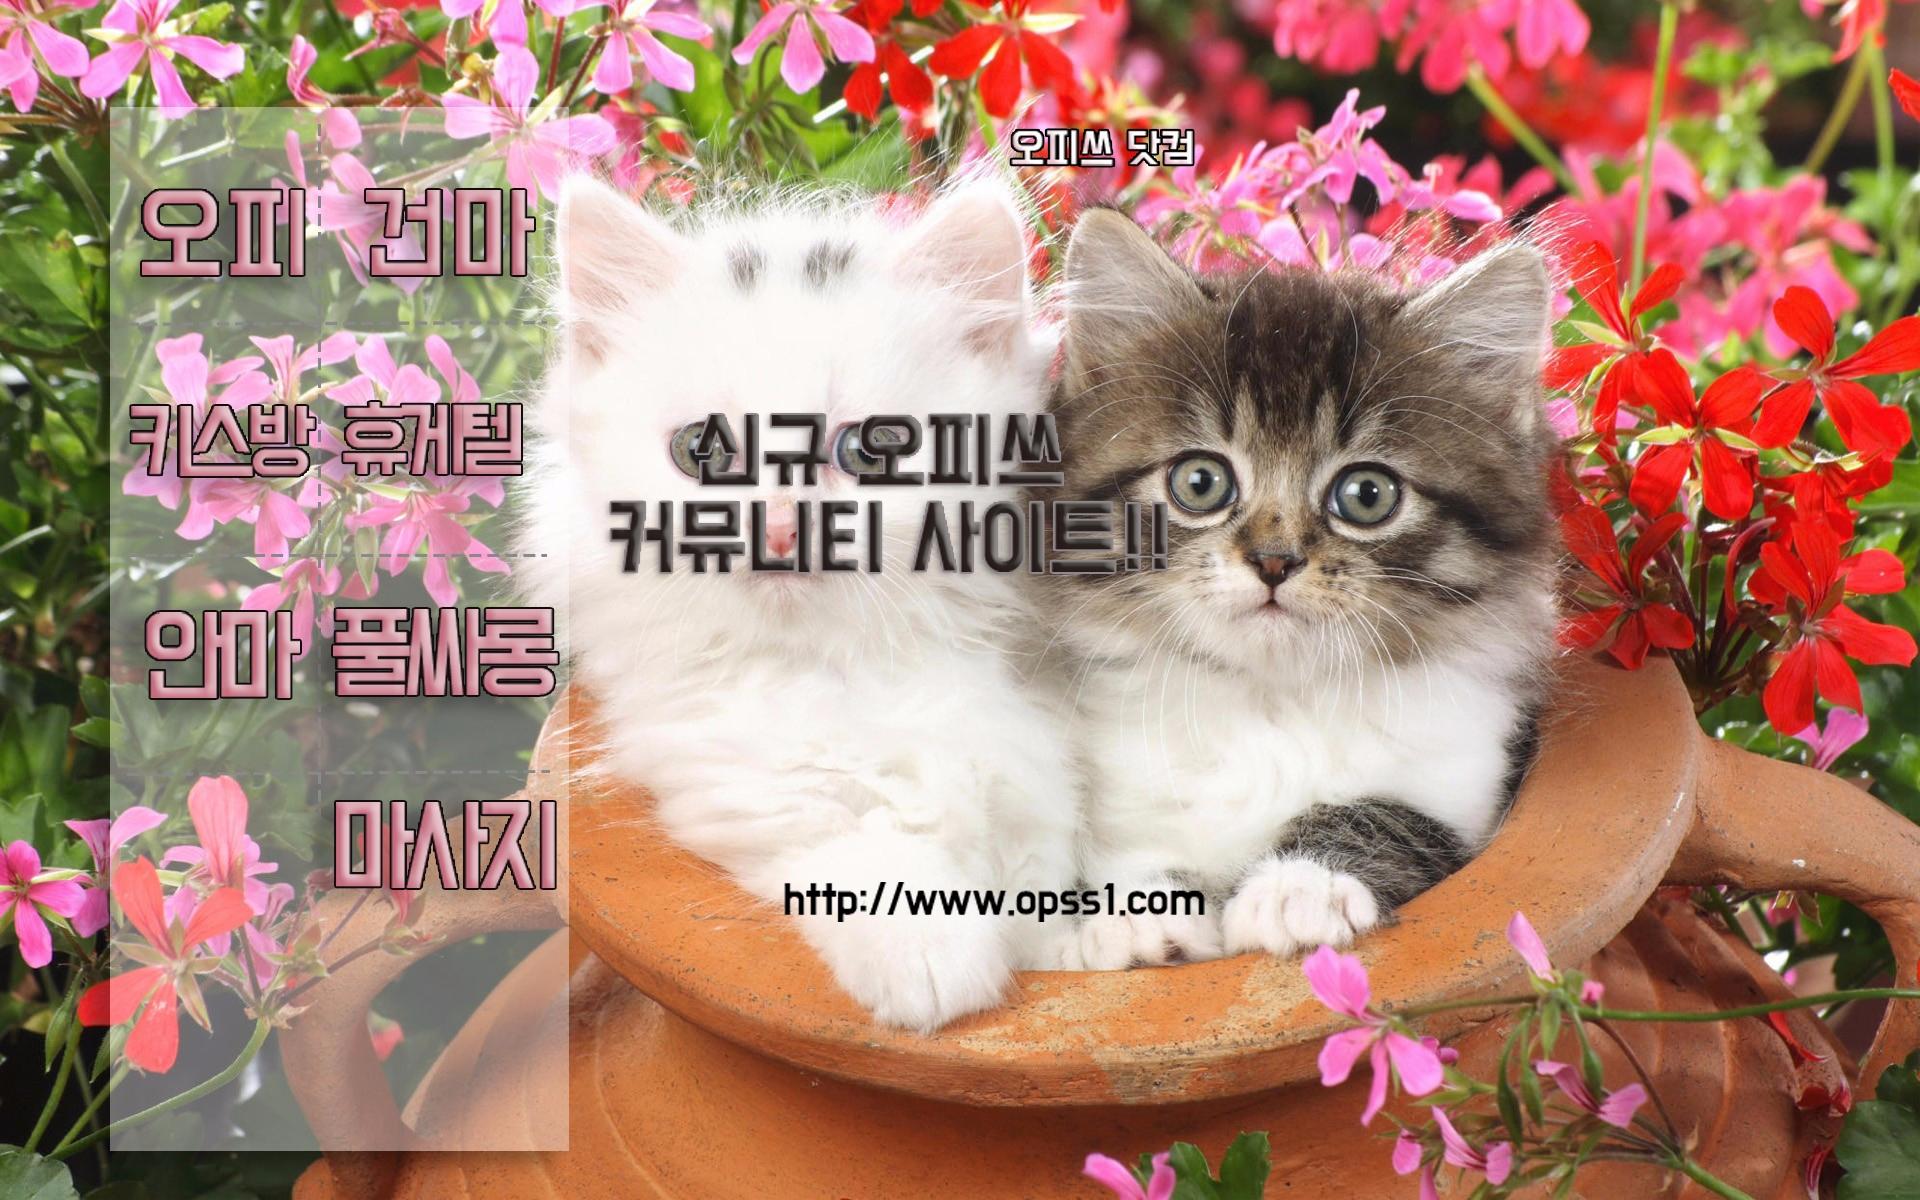 광진건마 오피쓰 (@gwangjinop) Cover Image